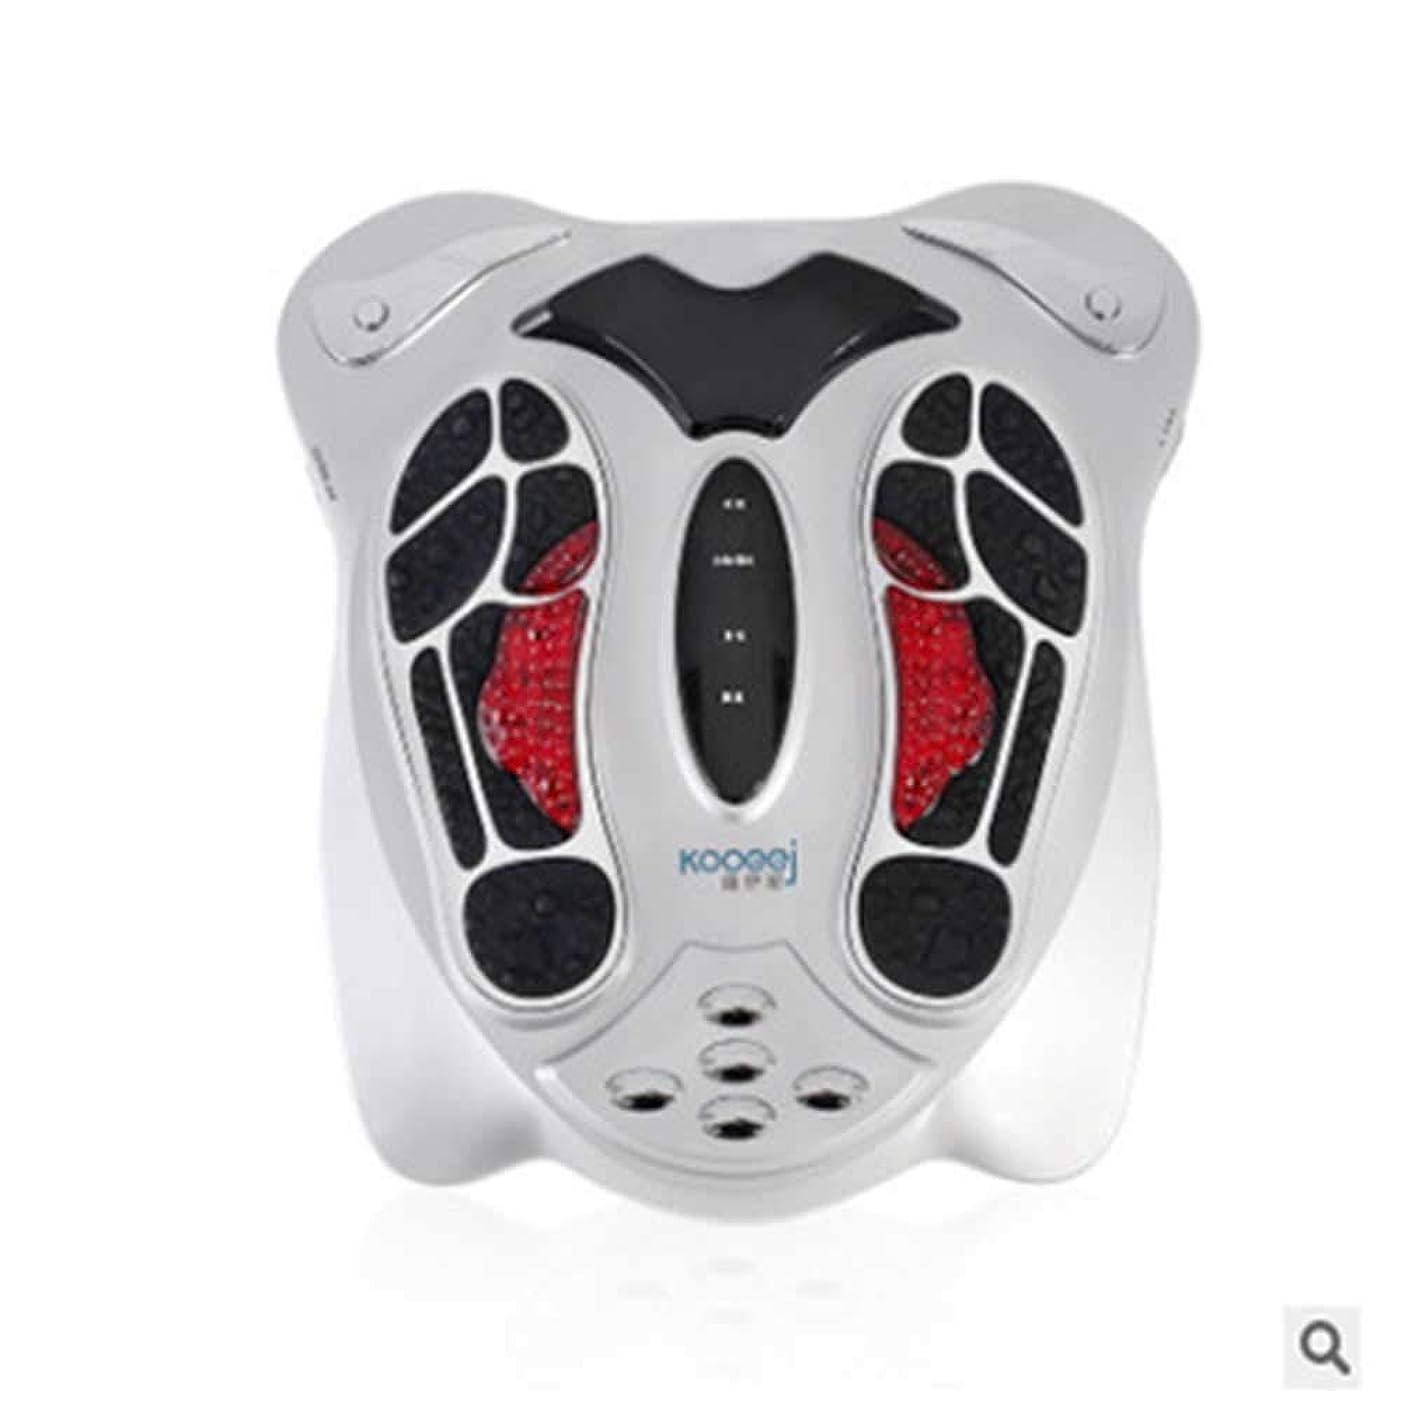 軽減する暴動軽減する調整可能 赤外線フットマッサージャーフットマッサージャーフットマッサージャー低周波健康理学療法器具 リラックス, Silver